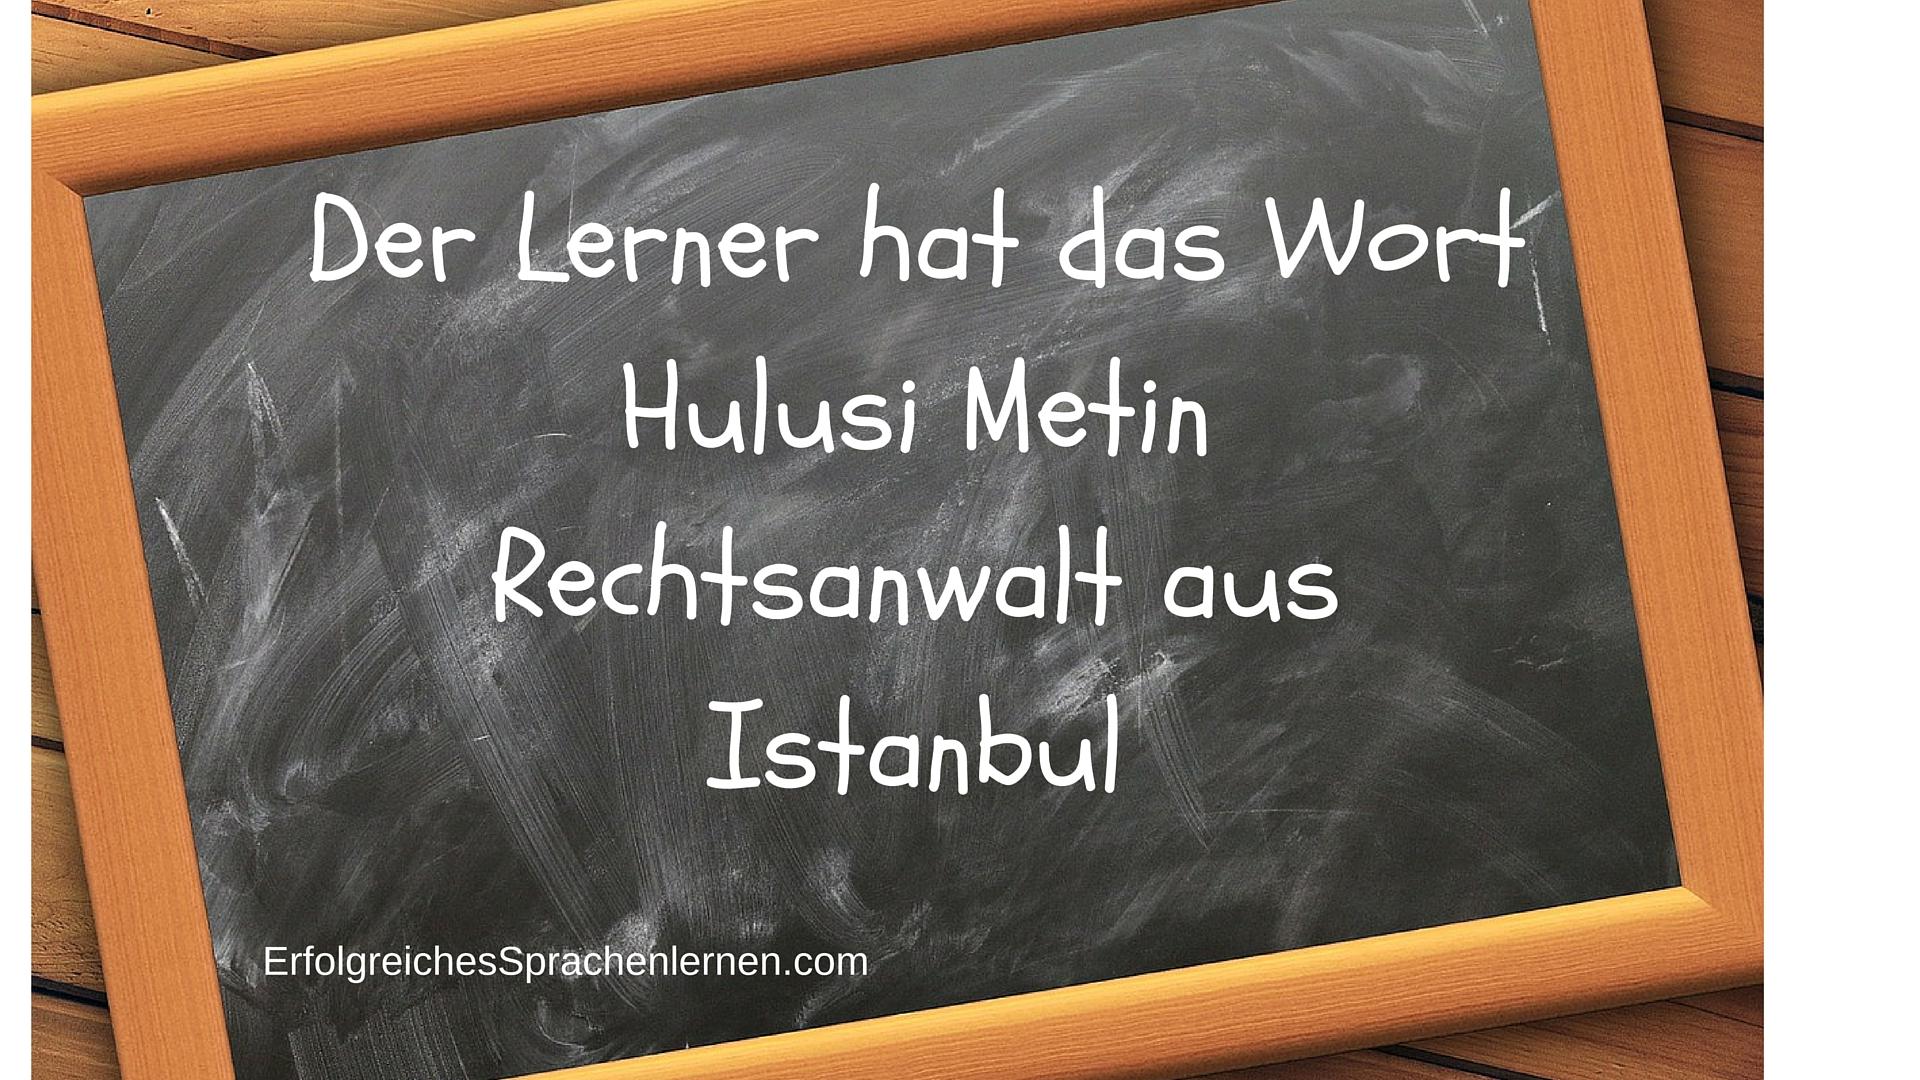 Der Lerner hat das Wort Hulusi Metin